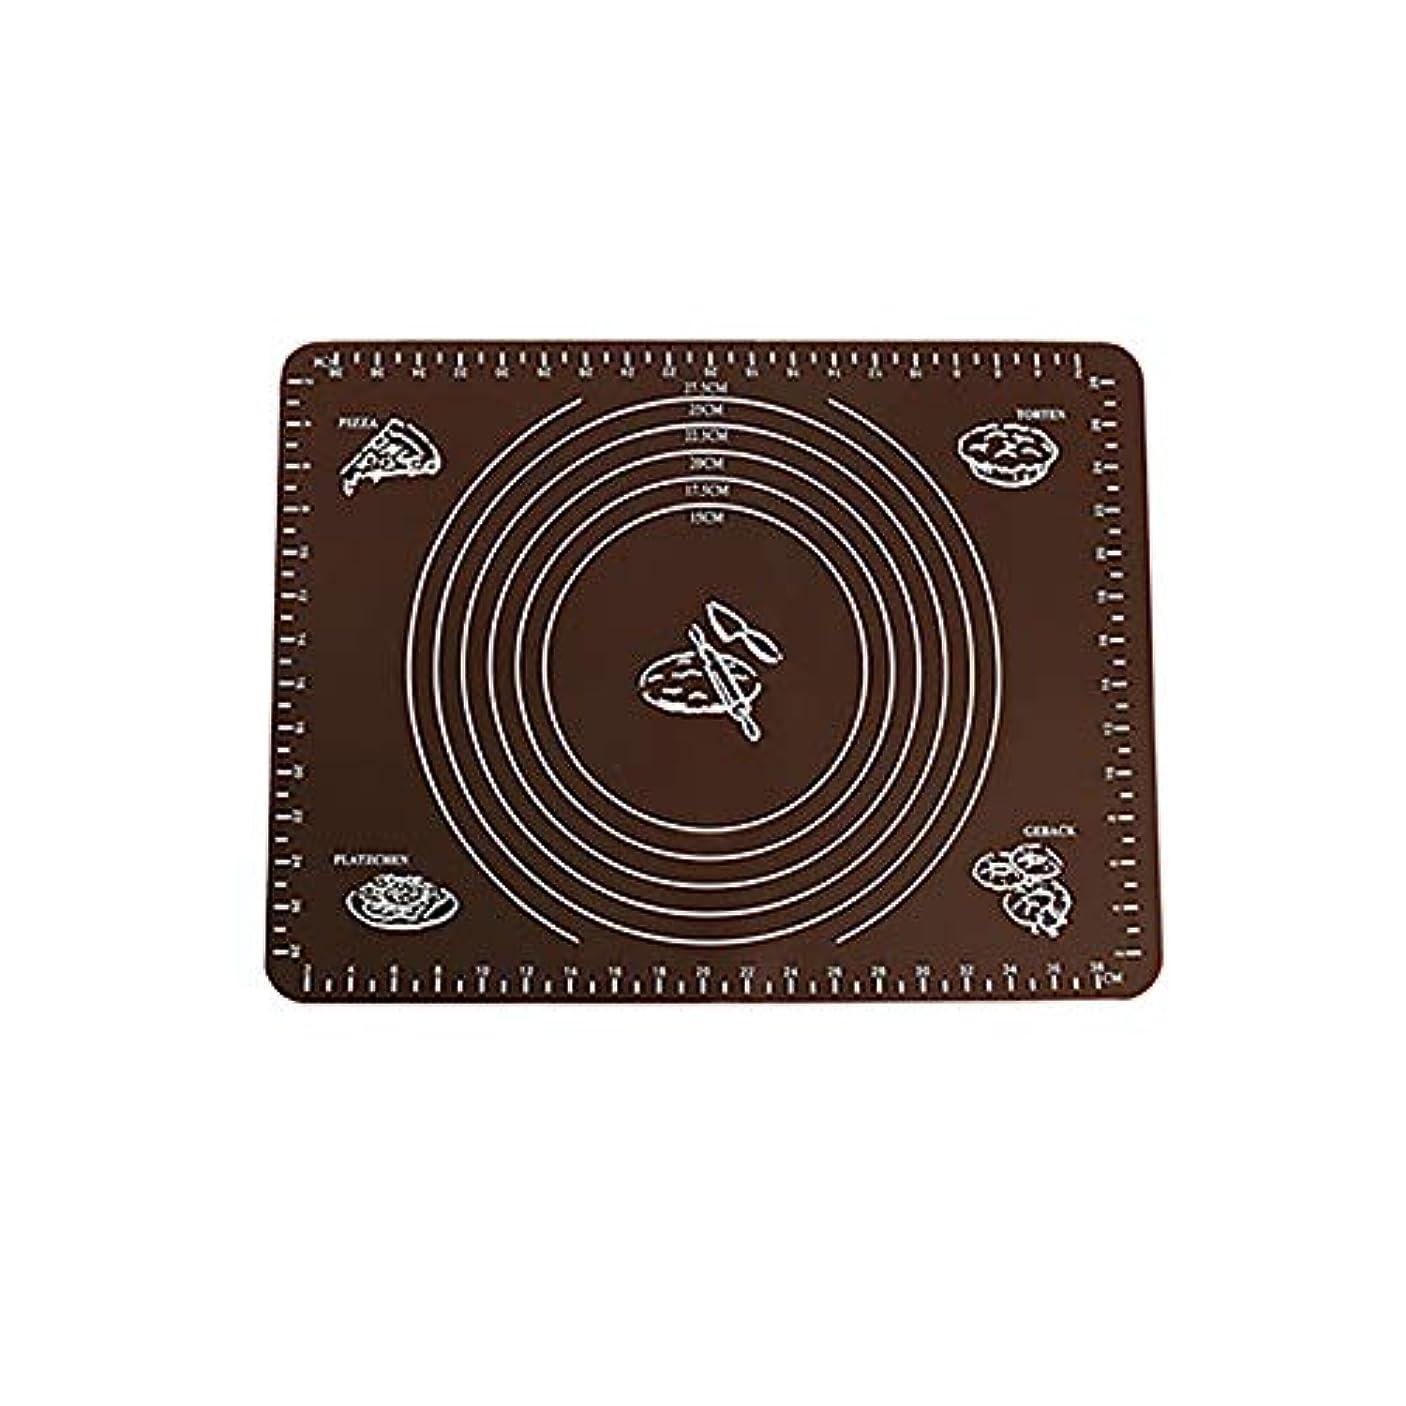 私の今晩複製Refaxi シリコーン生地ローリング混練パッド高温ケーキペストリーベーキングパッド(コーヒー)